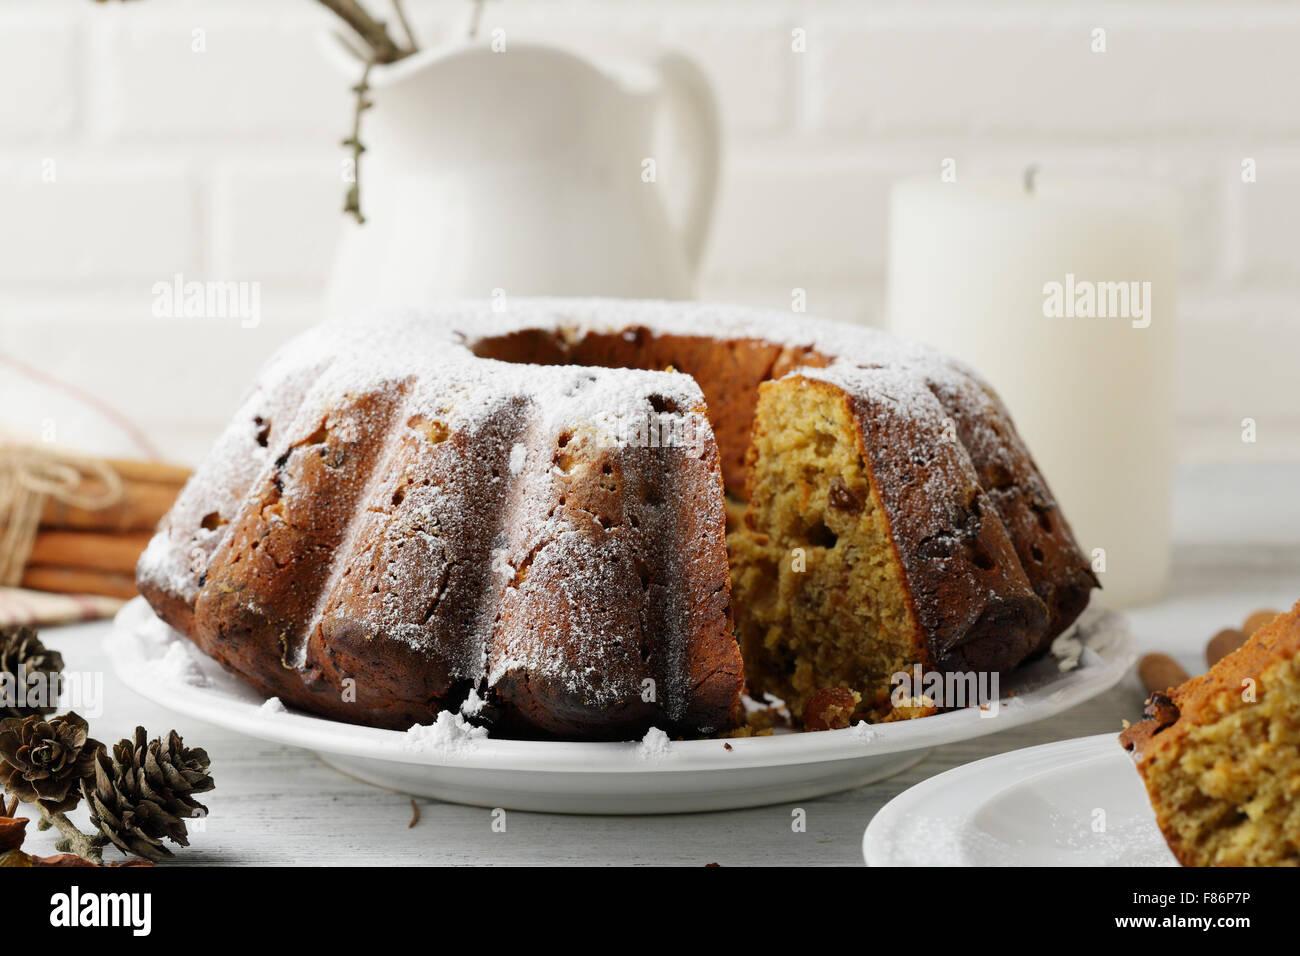 Gâteau de Noël, de l'alimentation libre Photo Stock